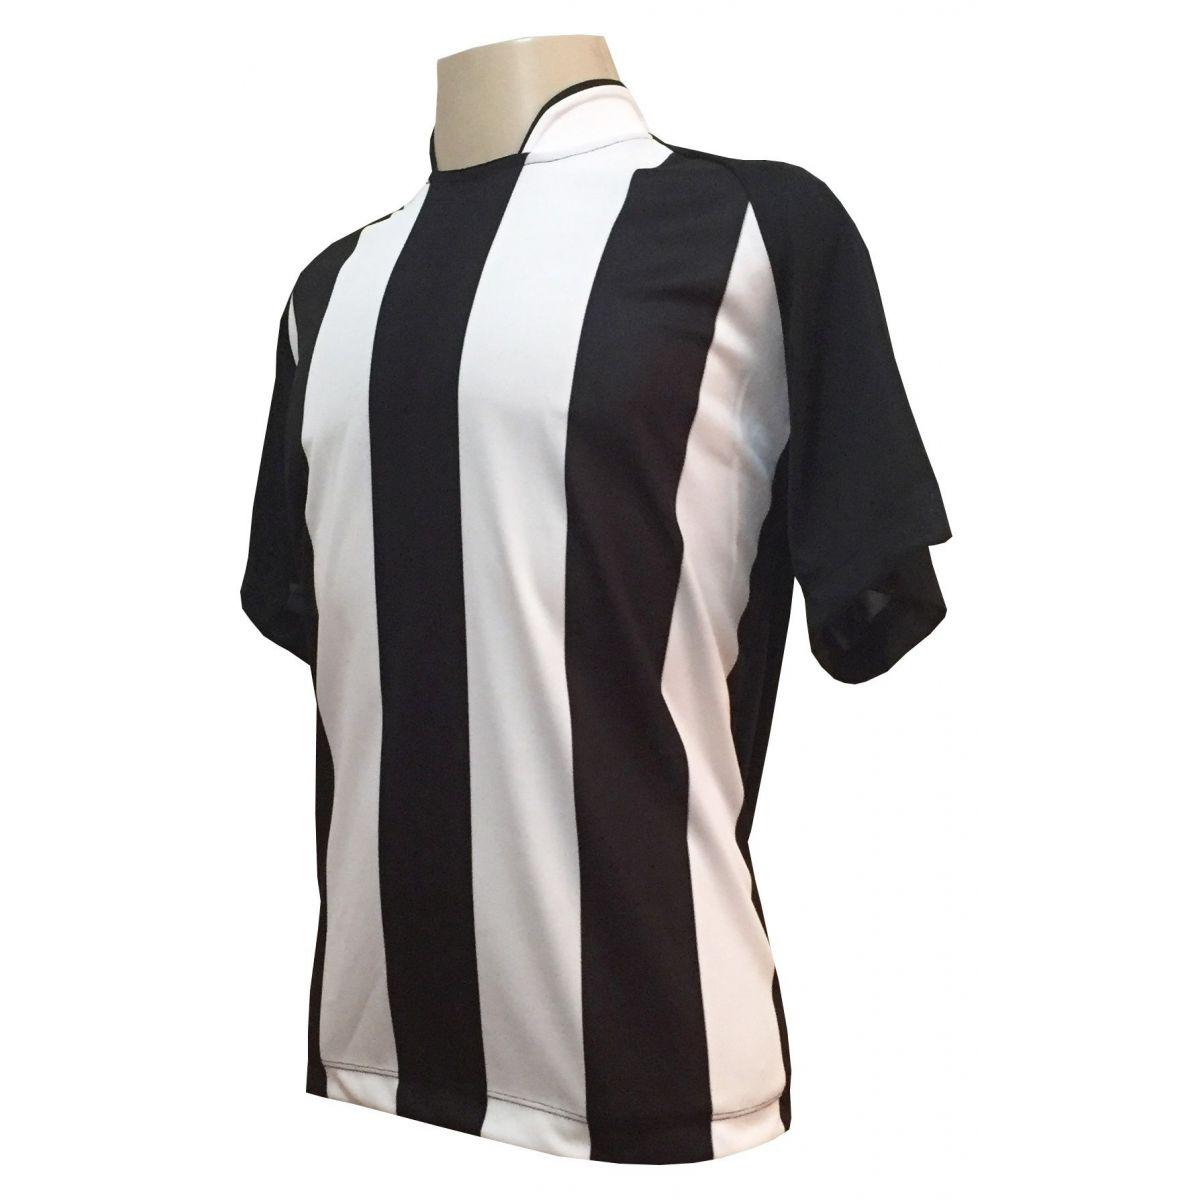 Uniforme Esportivo com 12 Camisas modelo Milan Preto/Branco + 12 Calções modelo Copa Preto/Branco + 12 Pares de meiões Preto   - ESTAÇÃO DO ESPORTE